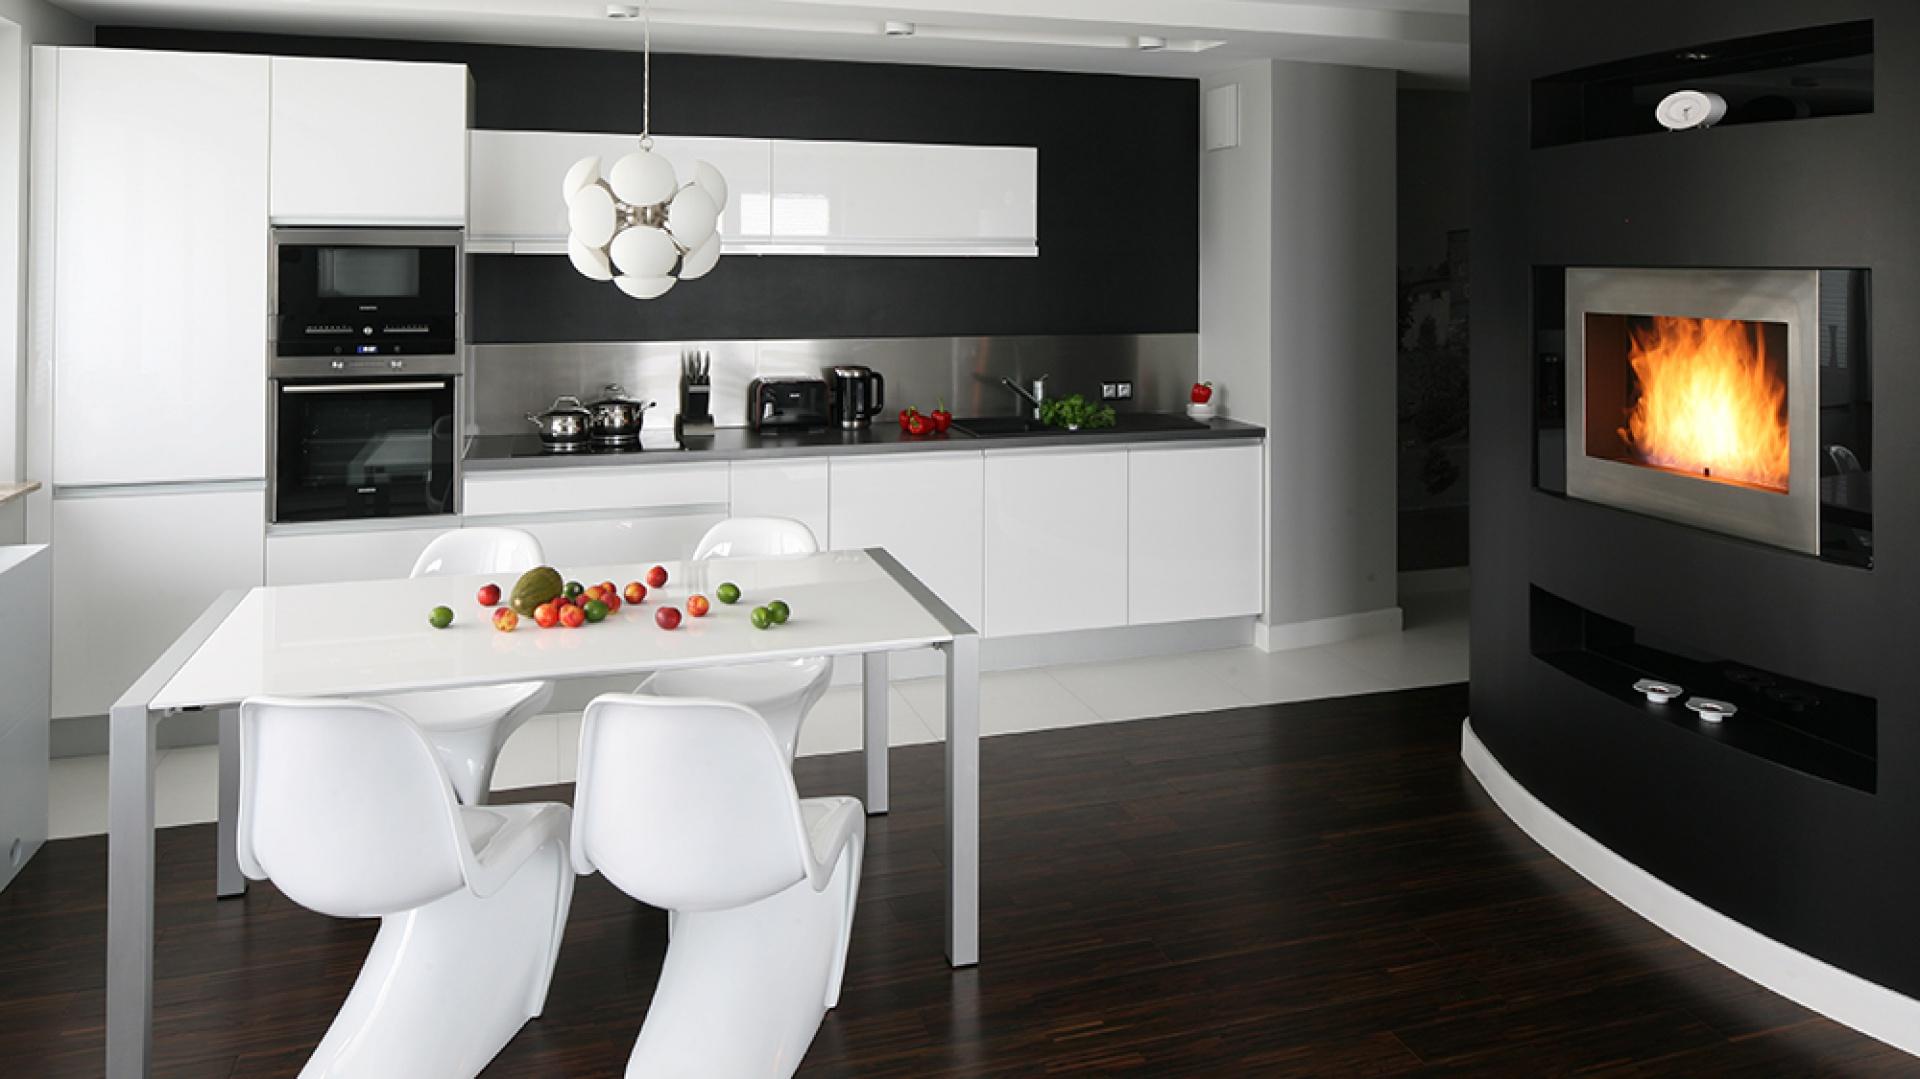 Wnętrze zostało urządzone z Minimalistyczna biała   -> Kuchnia Grafitowo Limonkowa